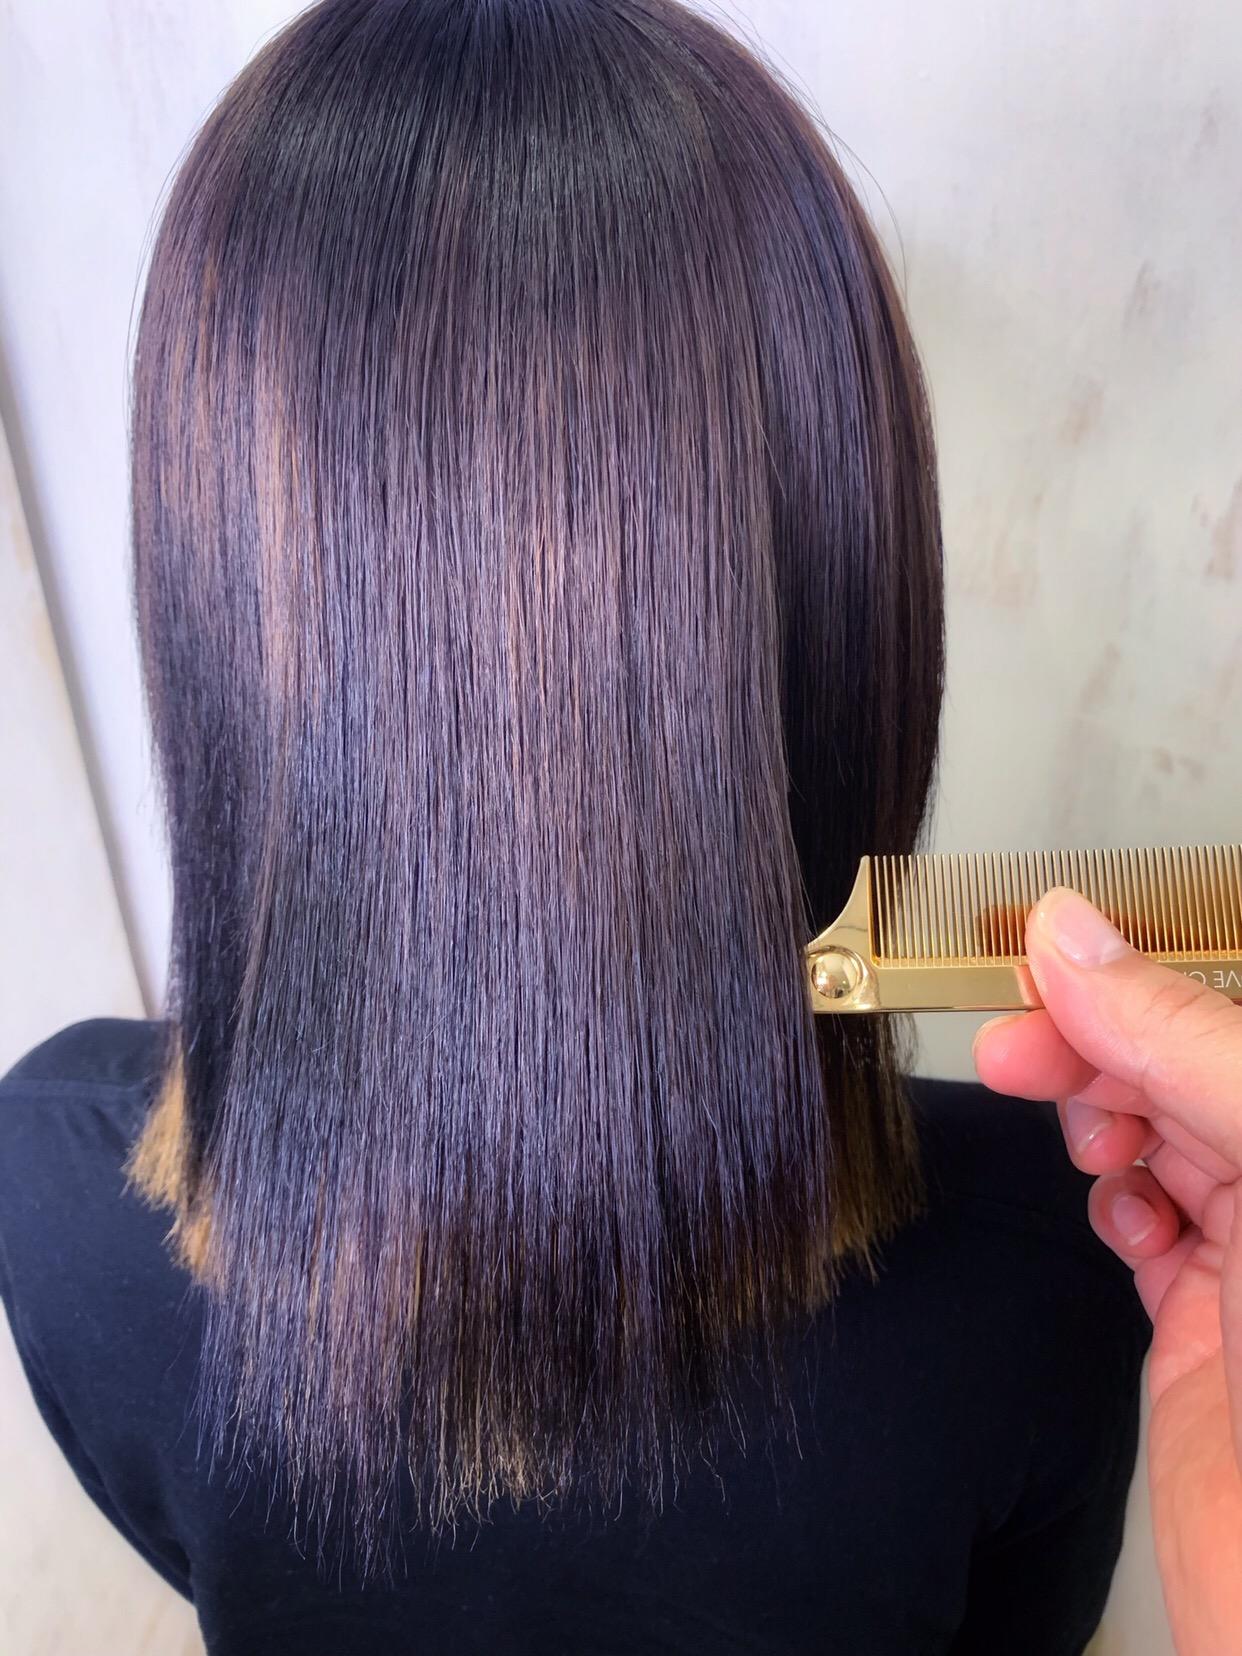 スパイラルパーマで広がった髪を【ビビリ矯正】で艶髪。原宿・表参道『1000人をツヤ髪にヘアケア美容師の挑戦』